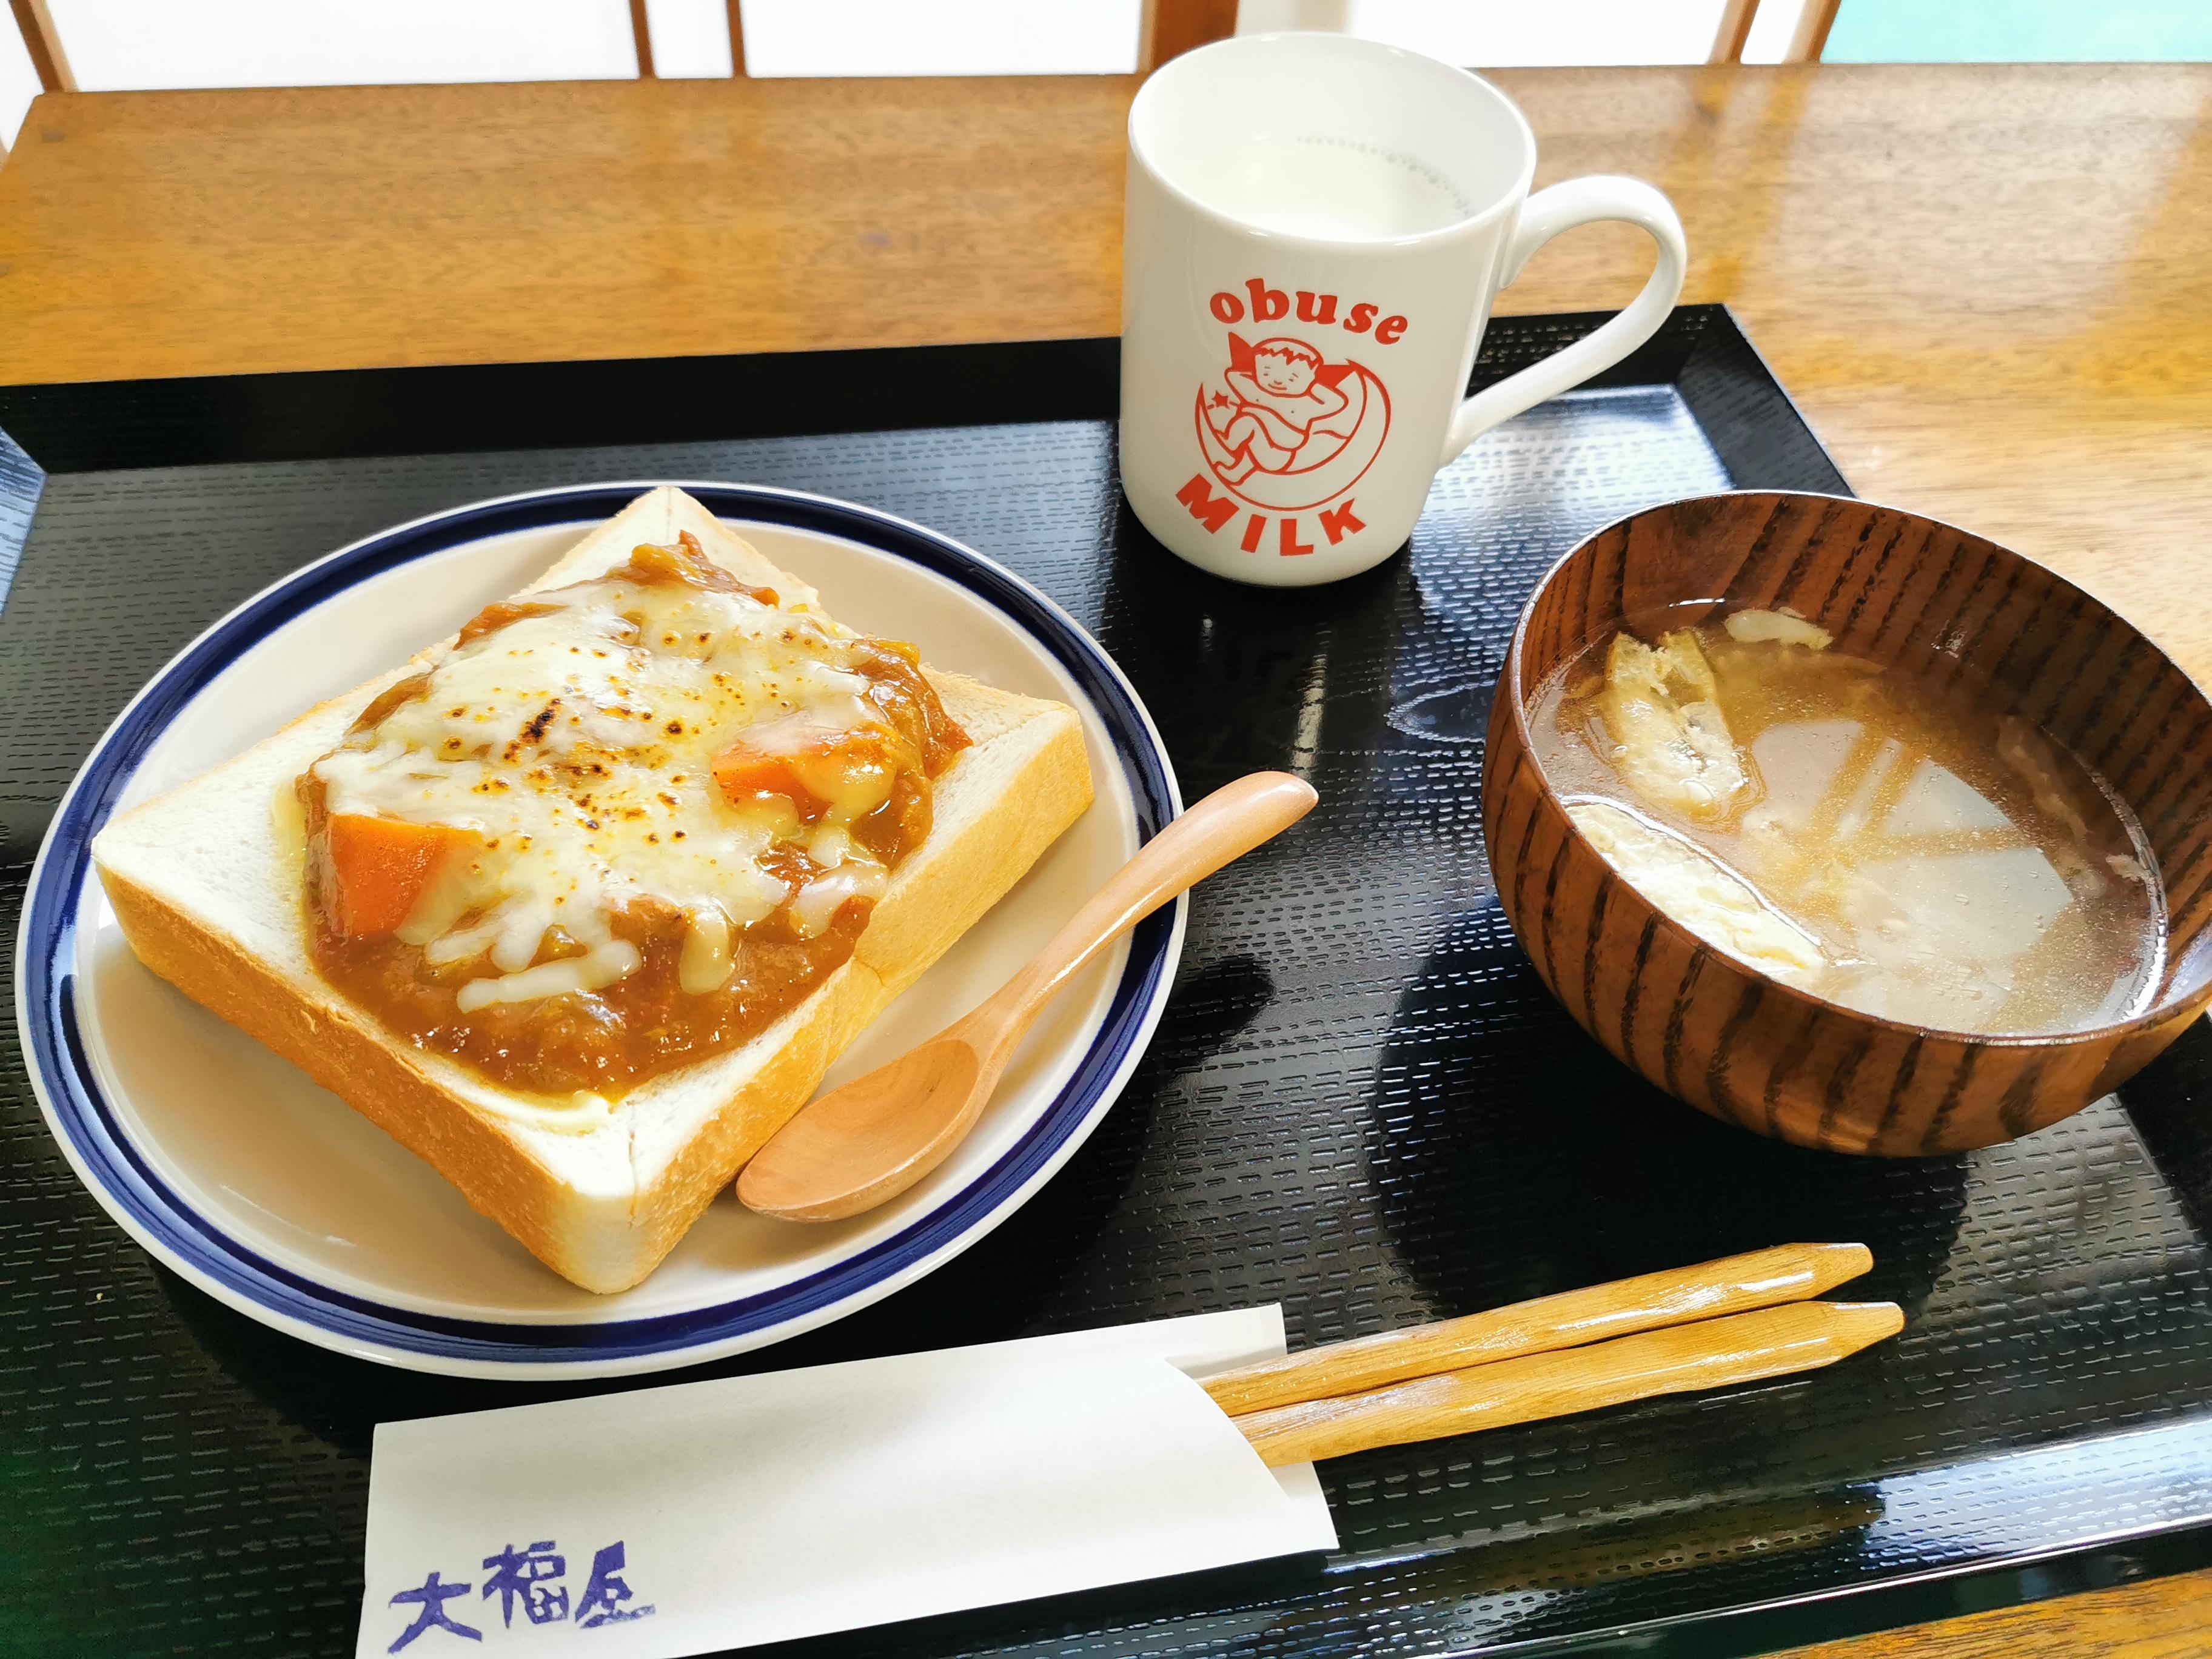 【長野】大福屋@善光寺お朝事帰りのモーニングはレトロな古本屋の2Fのカフェで。